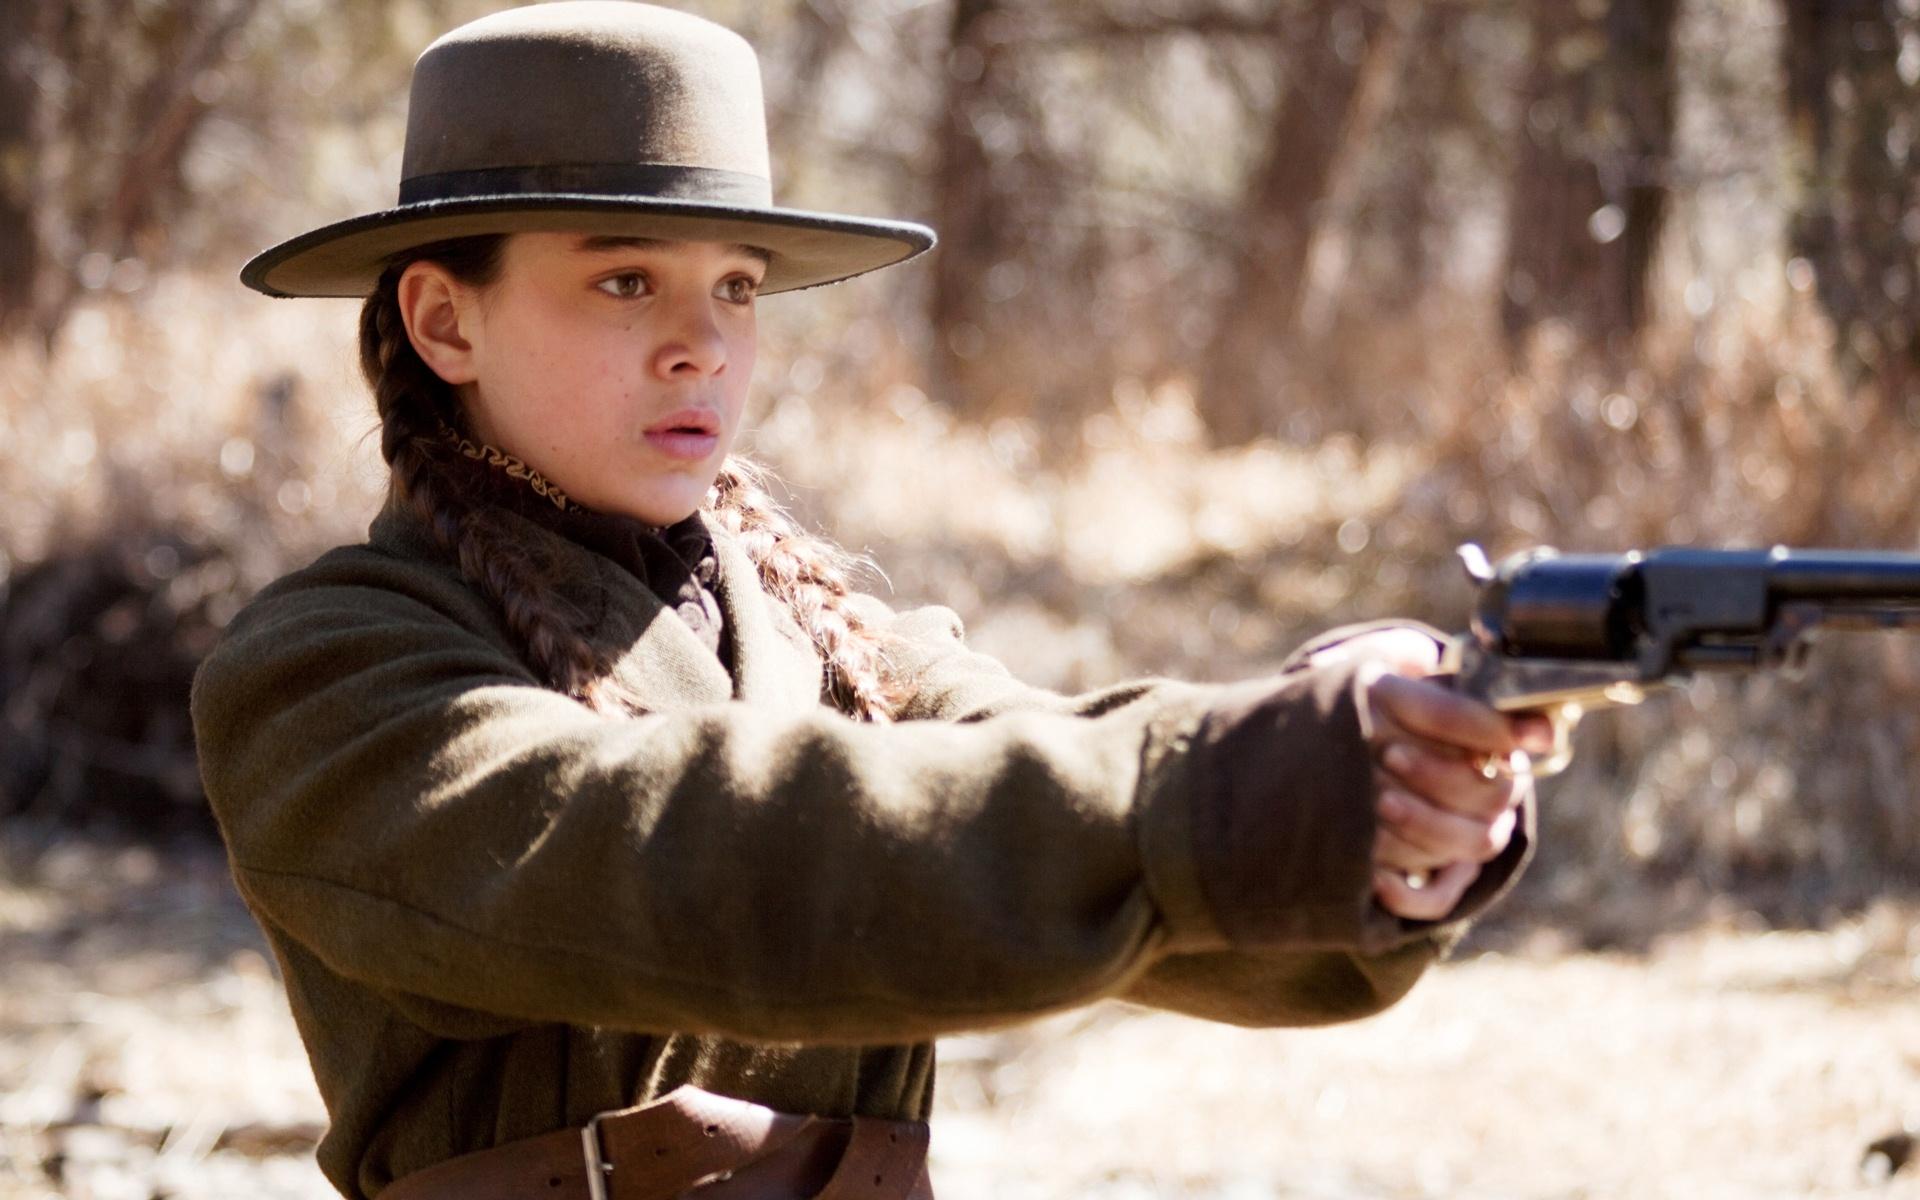 Hailee Steinfeld stars as Mattie Ross in the Coens'  True Grit